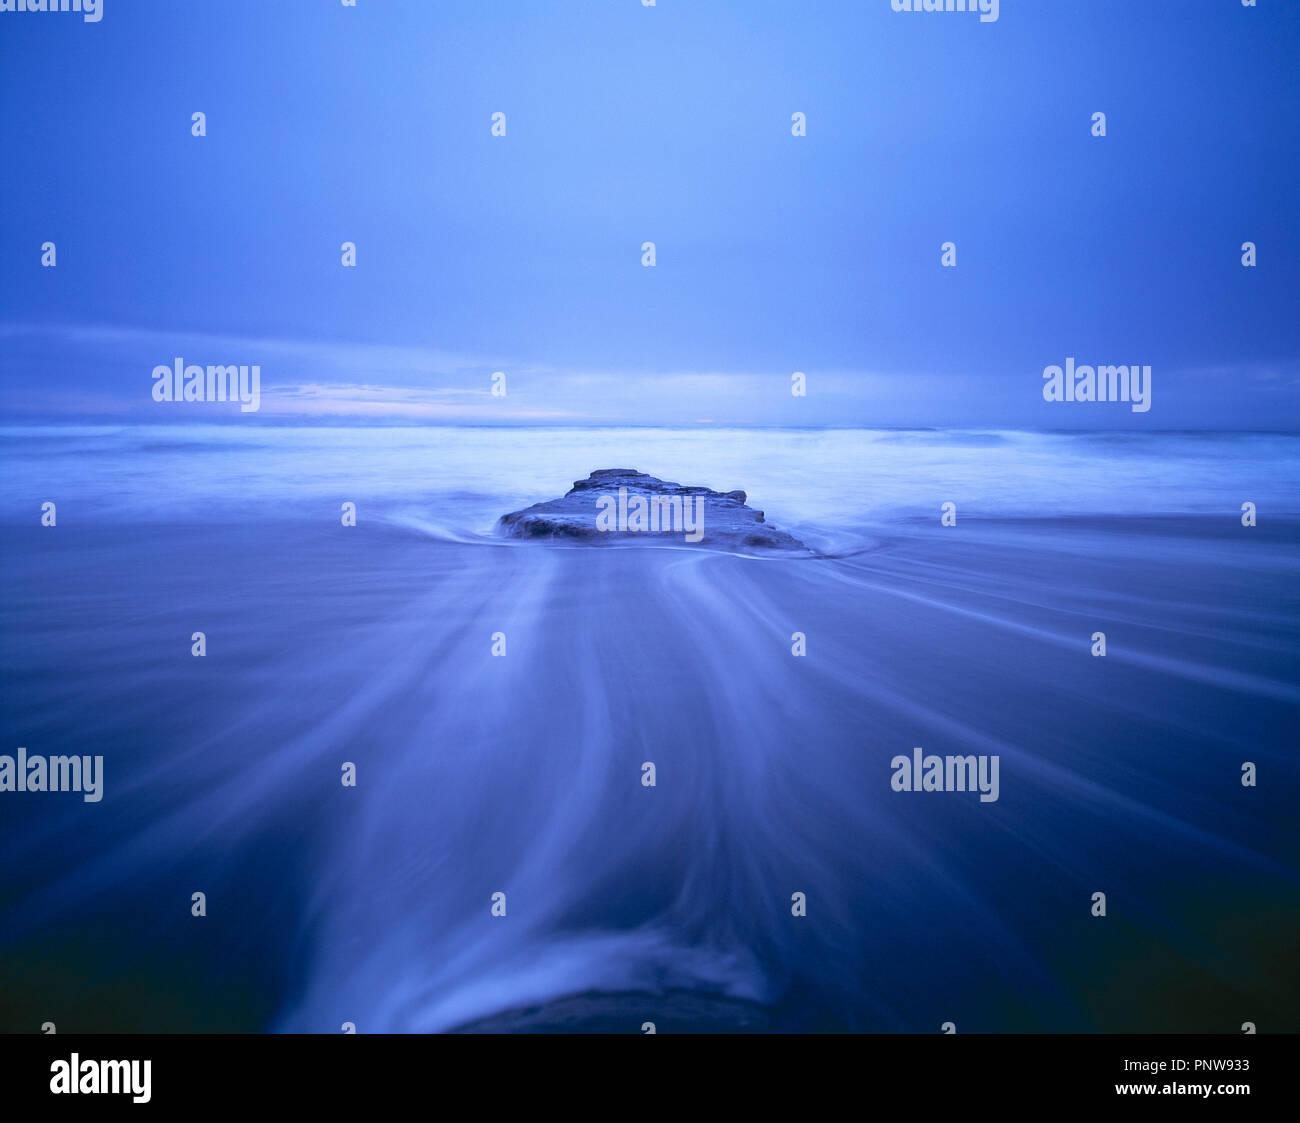 La Nouvelle-Zélande. L'Île du Nord. L'autre. Bleu L'atmosphère close up de raz-de-marée d'eau tourbillonnant autour de rock. Photo Stock